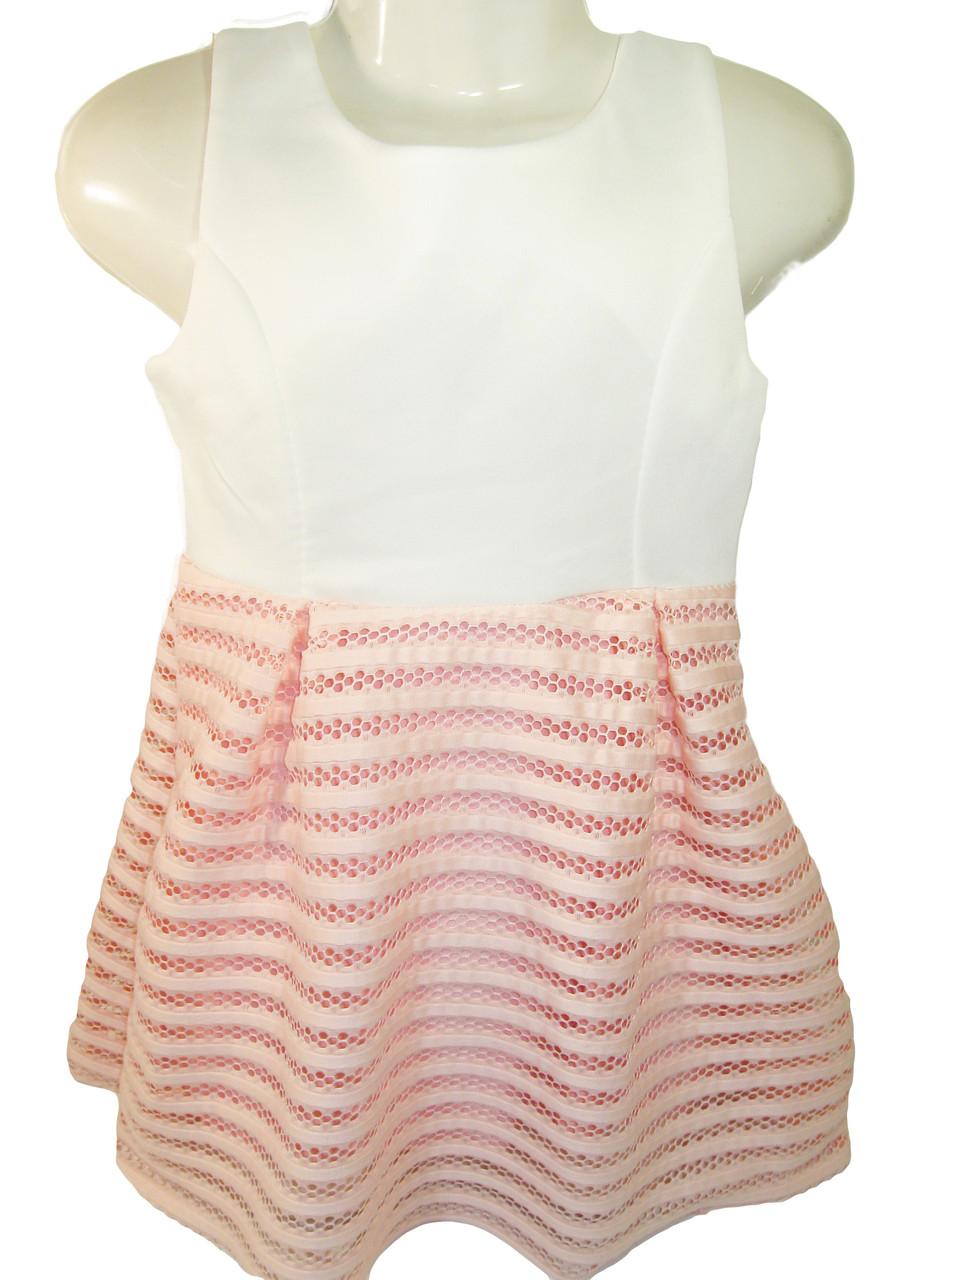 Платье  для девочек нарядное,  Italiya. размеры 4,6,8,10,14 лет, арт. 9282